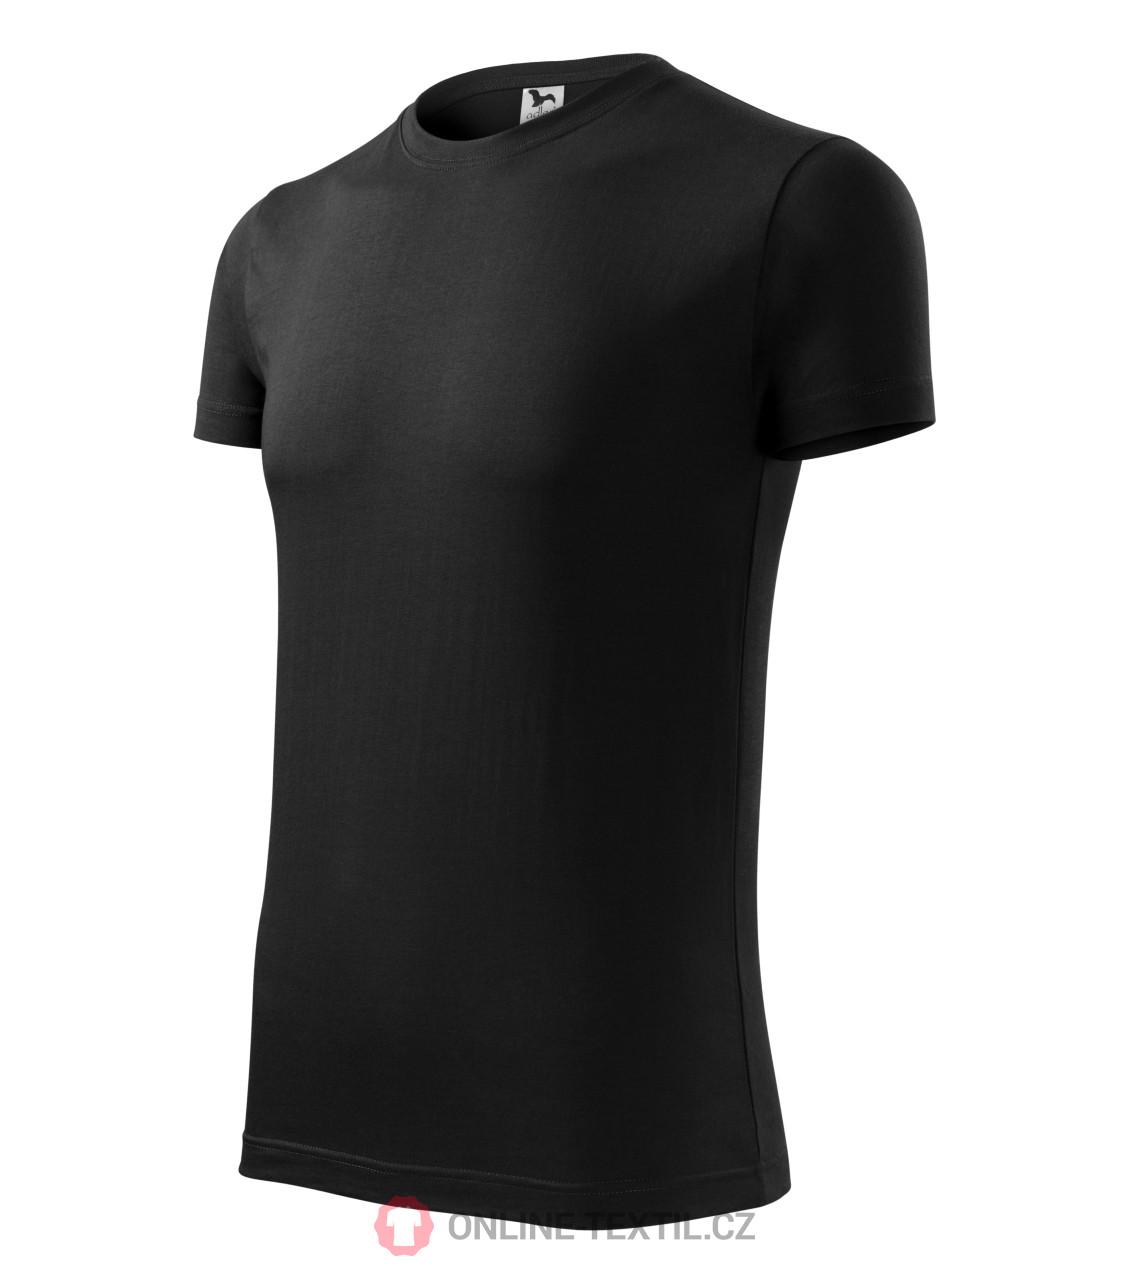 633fbec5c180 ADLER CZECH Přiléhavé pánské tričko Replay Viper vyšší gramáže 143 ...